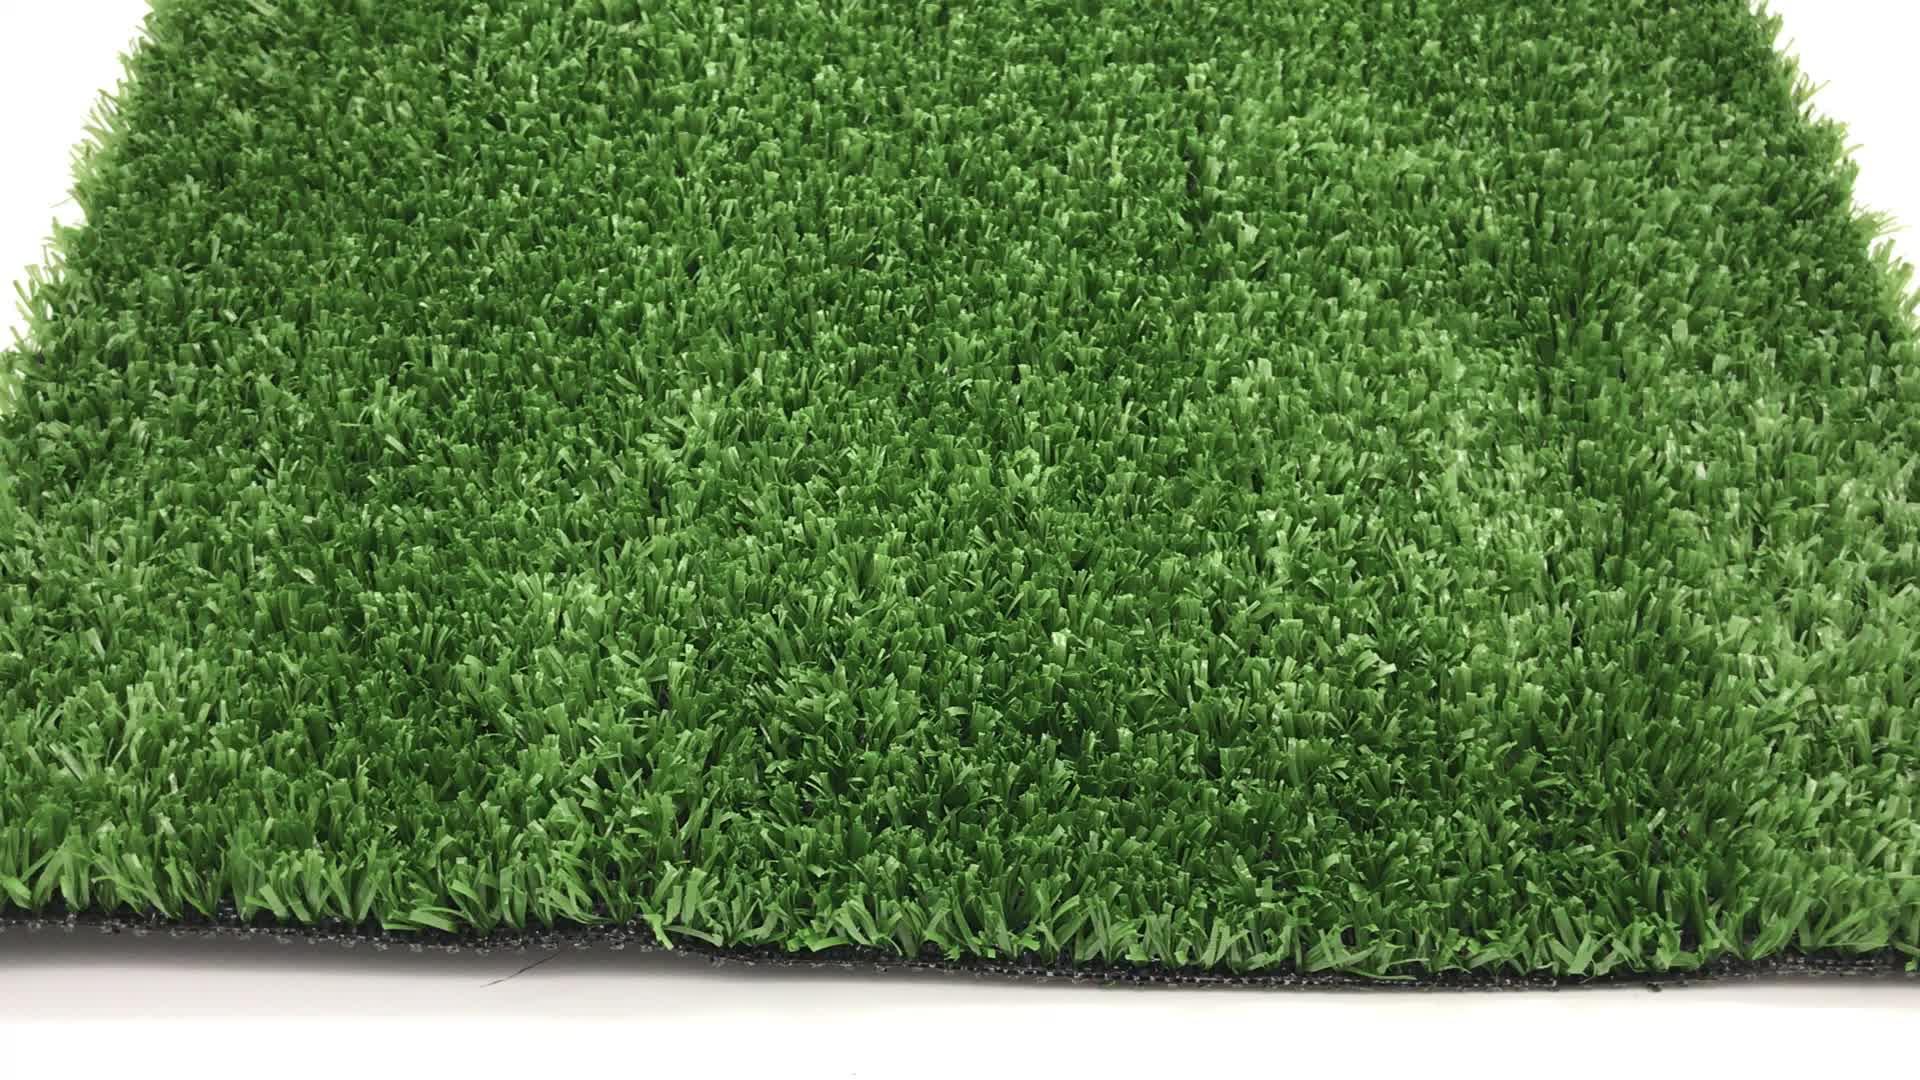 זול מחיר סינטטי דשא שטיח דשא מלאכותי עבור קירוי